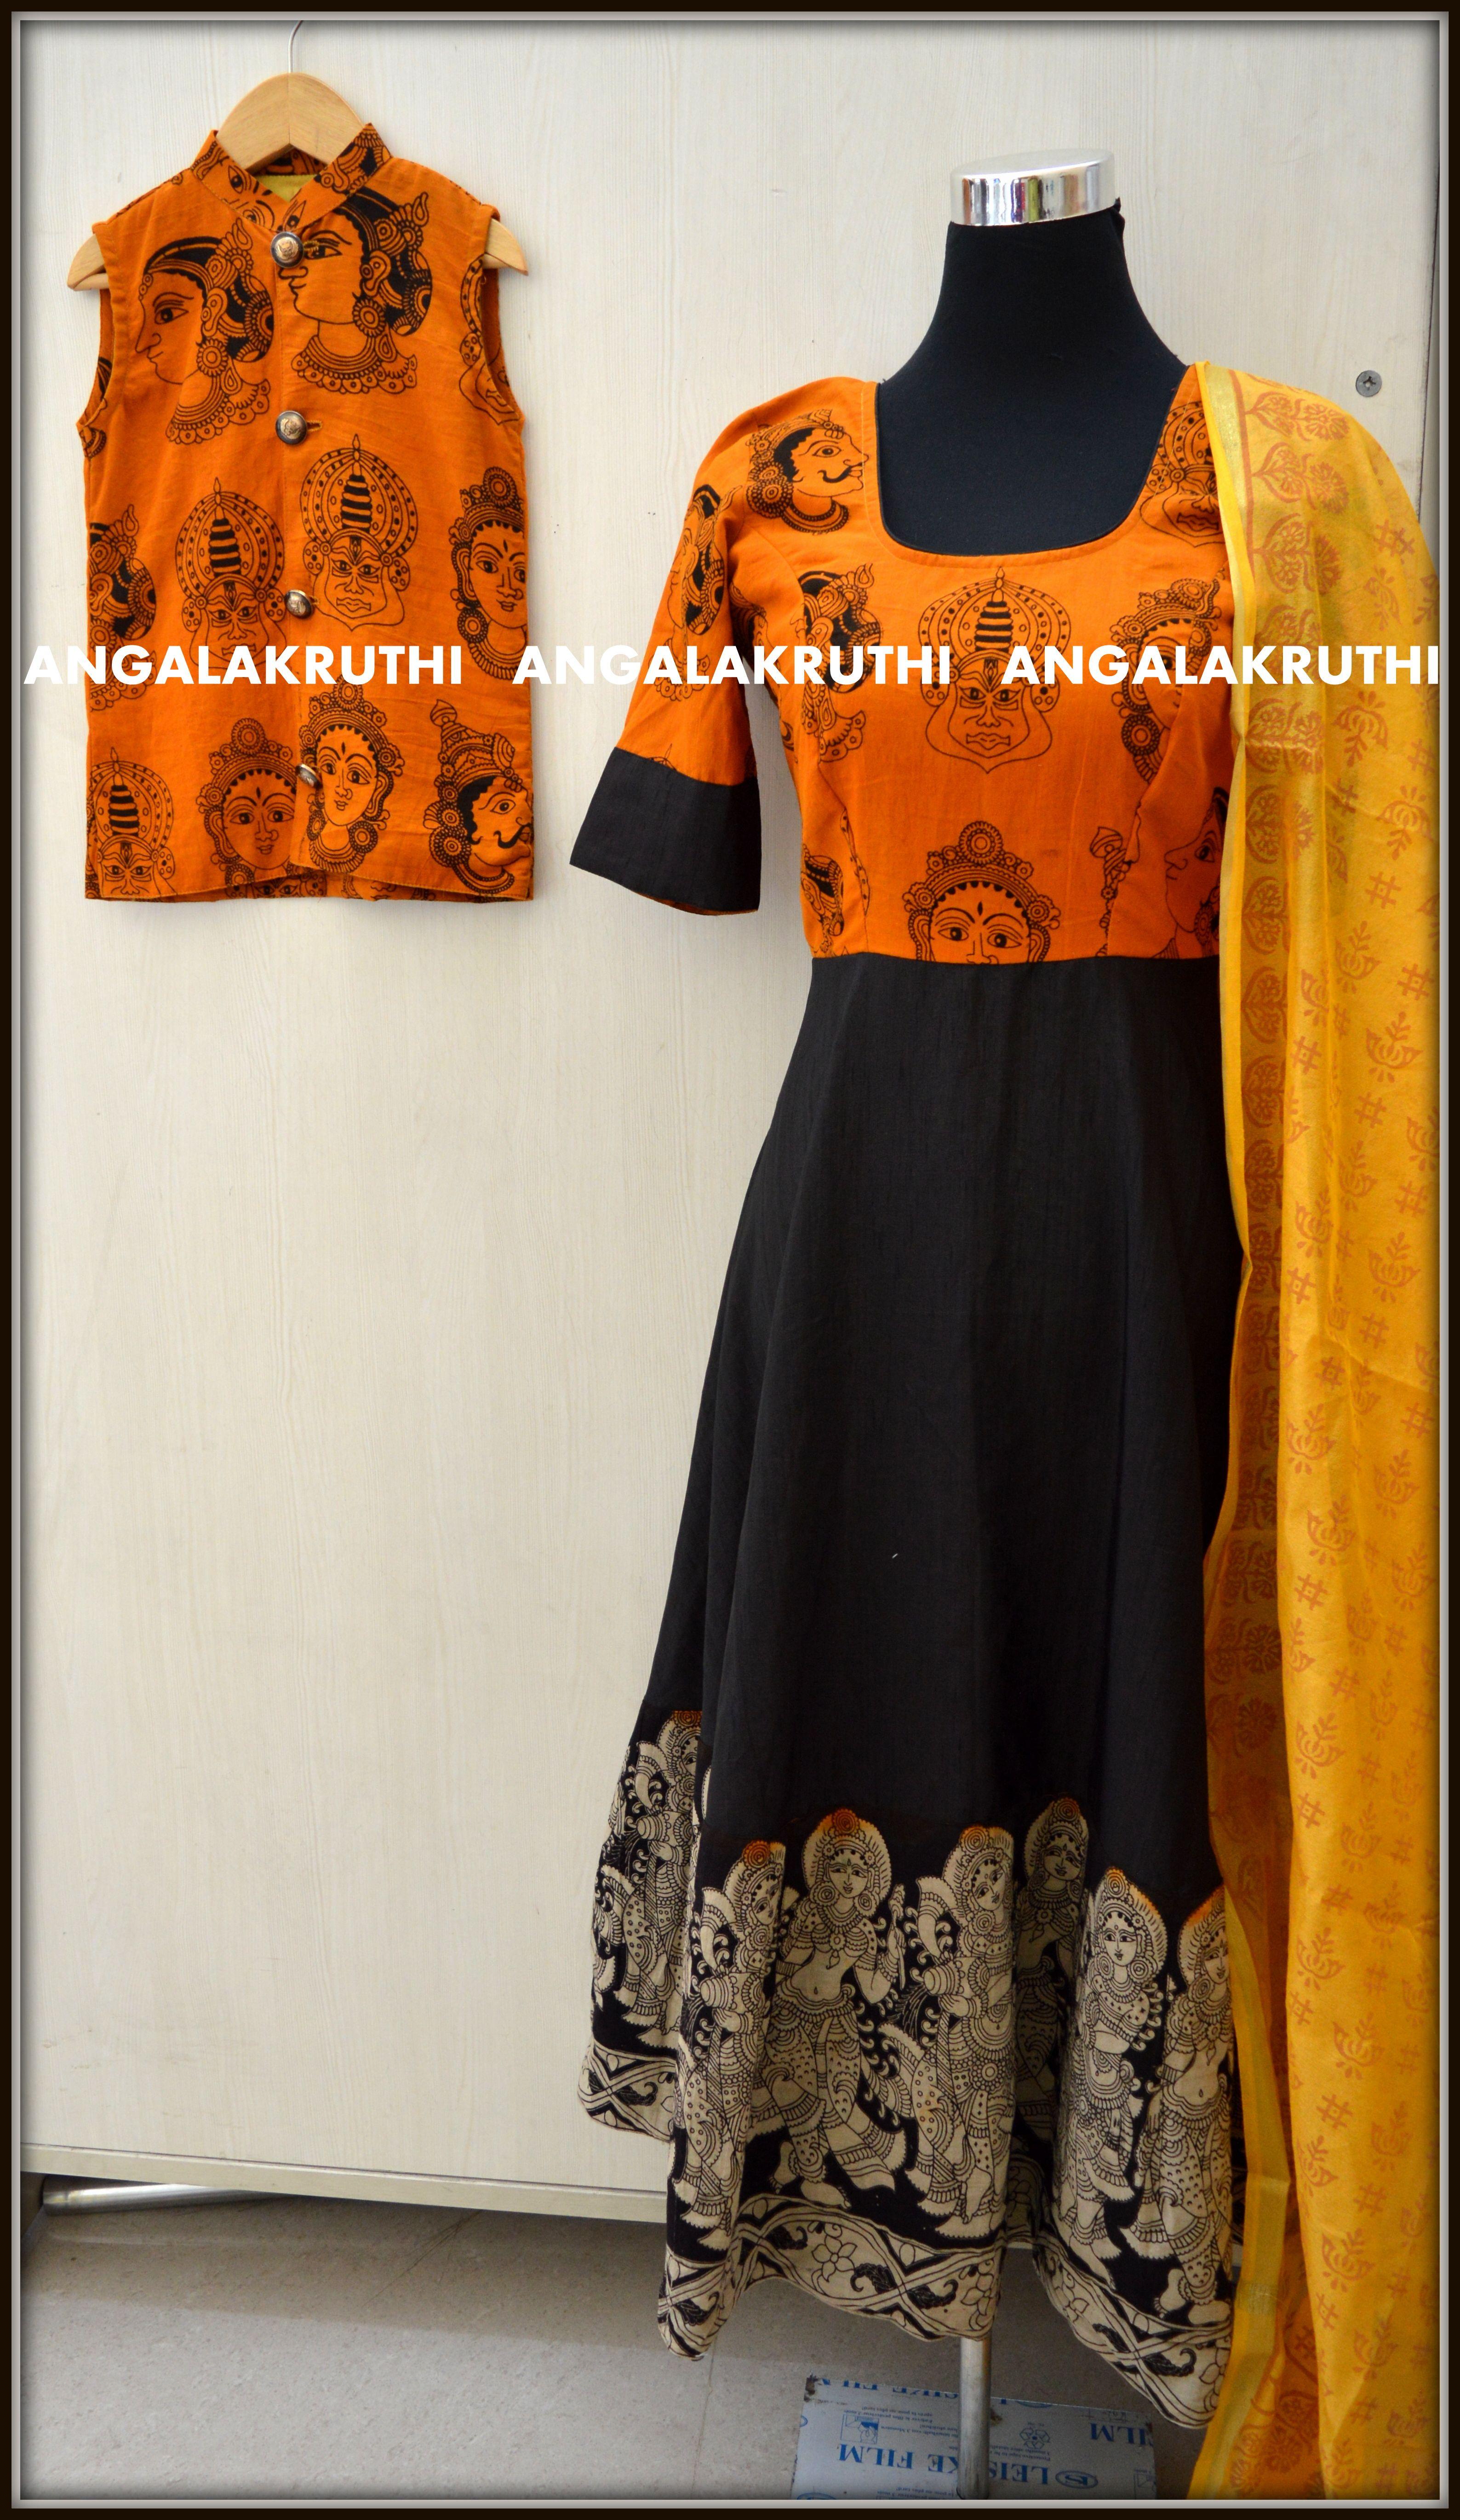 Kalamkari Designs By Angalakruthi Ladies And Kids Designer Boutique In Bangalore Mom N Boy Design Kalamkari Dresses Frock For Women Kurta Designs